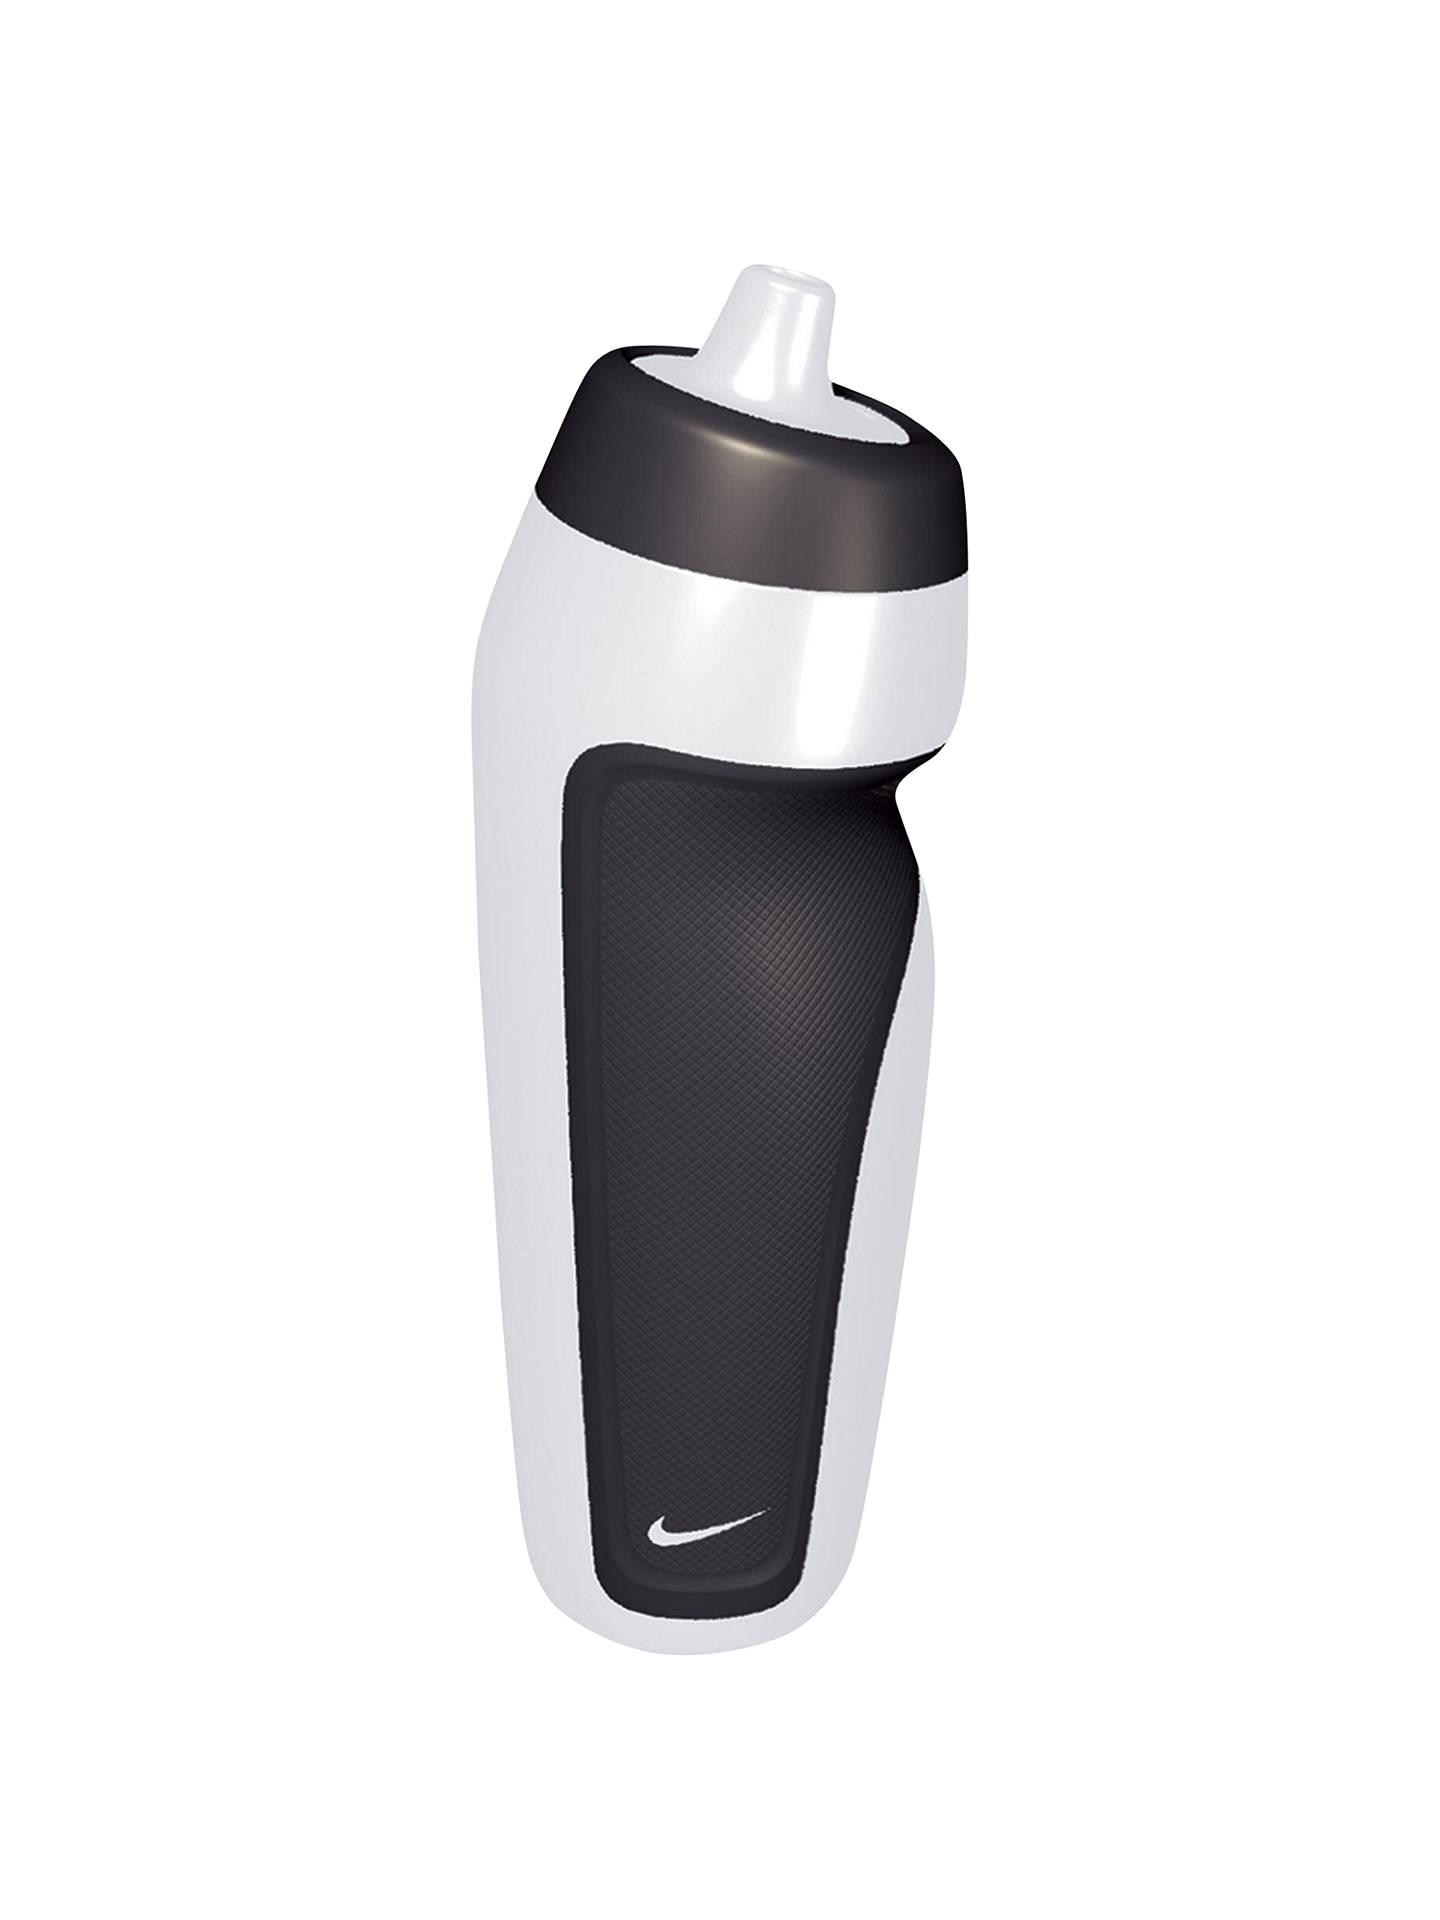 Nike Sport Water Bottle At John Lewis Amp Partners